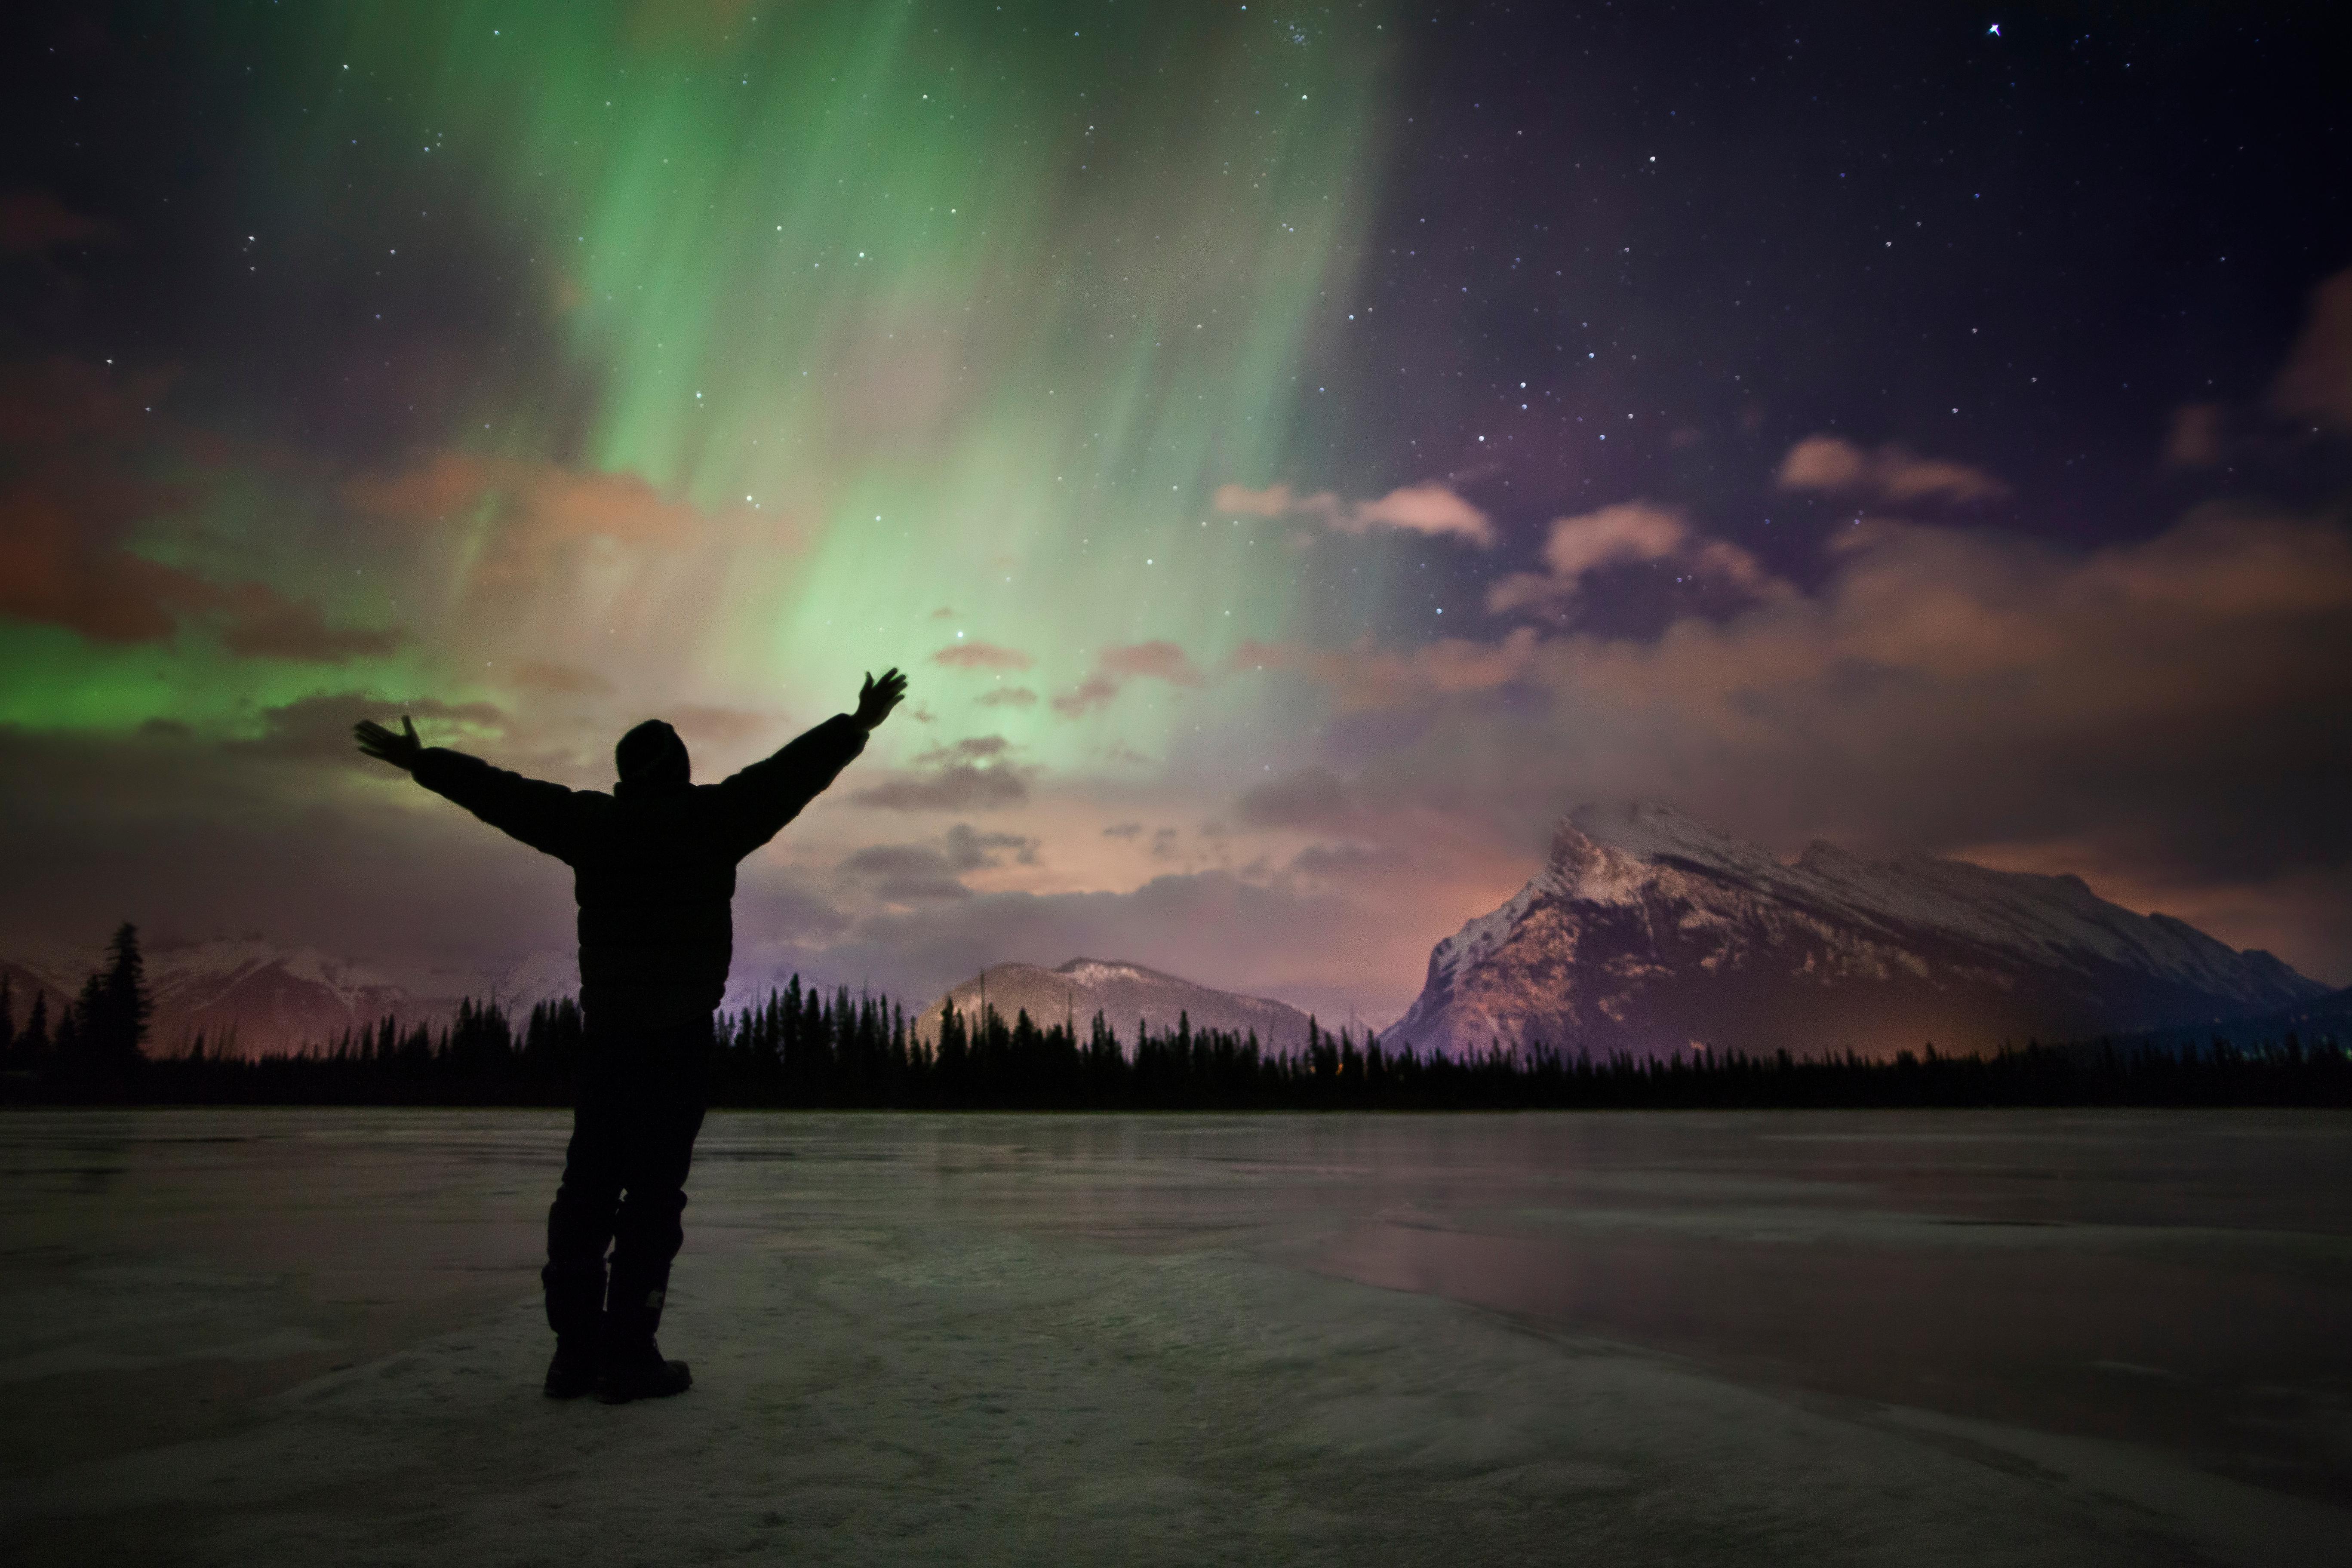 Als het Noorderlicht op je bucketlist staat en je besluit er voor te gaan, dan wil je dit natuurverschijnsel graag vastleggen.